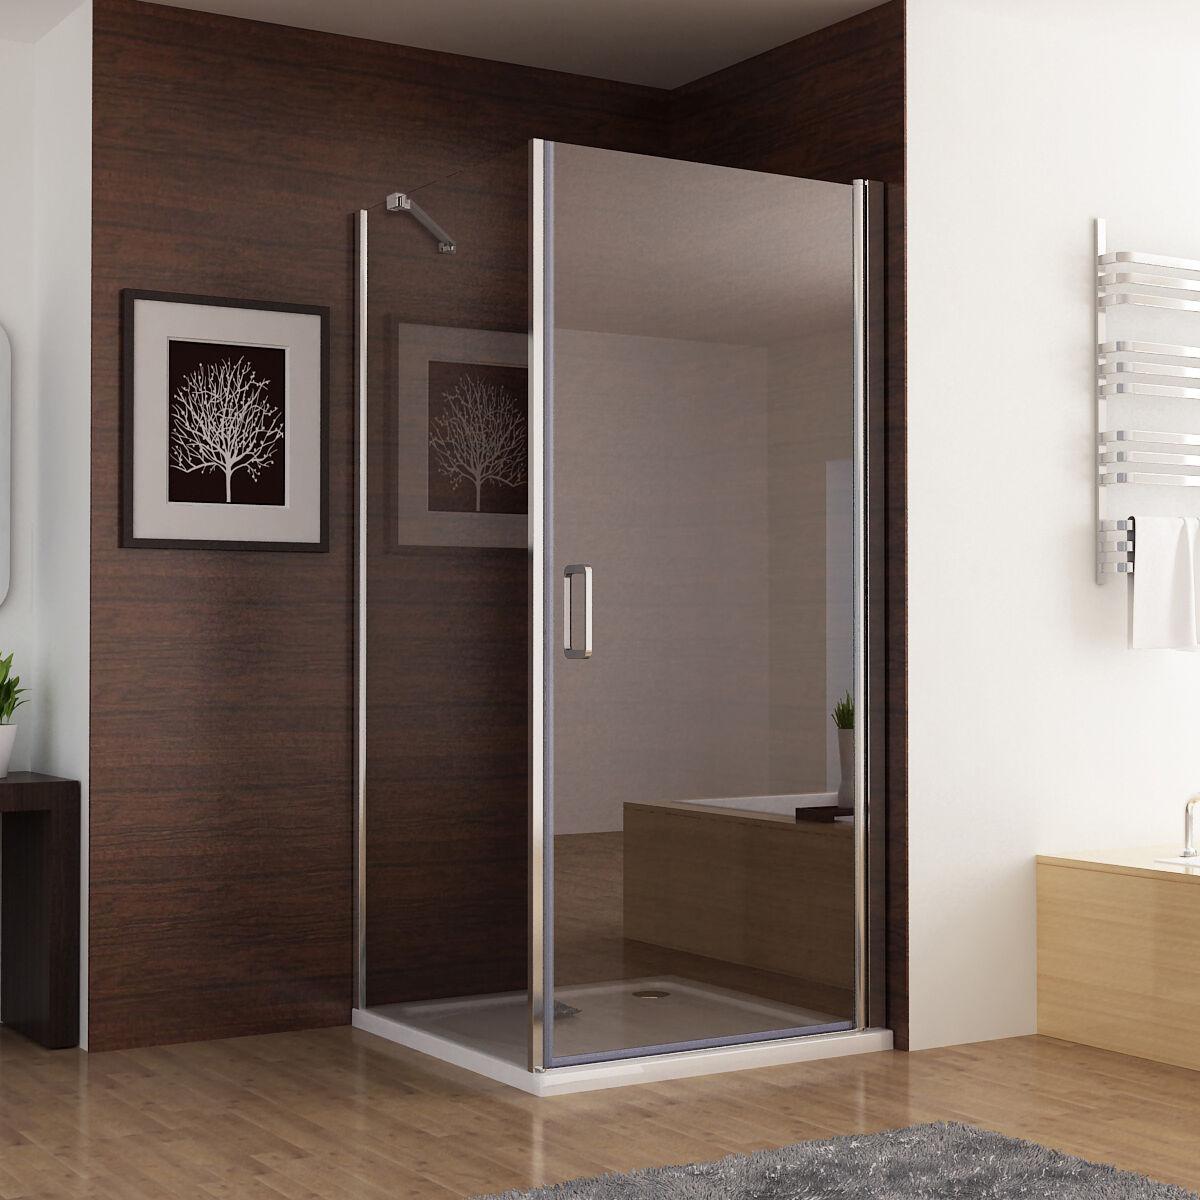 Full Size of Eckeinstieg Dusche Duschkabine 180 Schwingtr Duschwand Bodengleiche Barrierefreie Mischbatterie Kaufen Einbauen Antirutschmatte Haltegriff Siphon Bluetooth Dusche Eckeinstieg Dusche